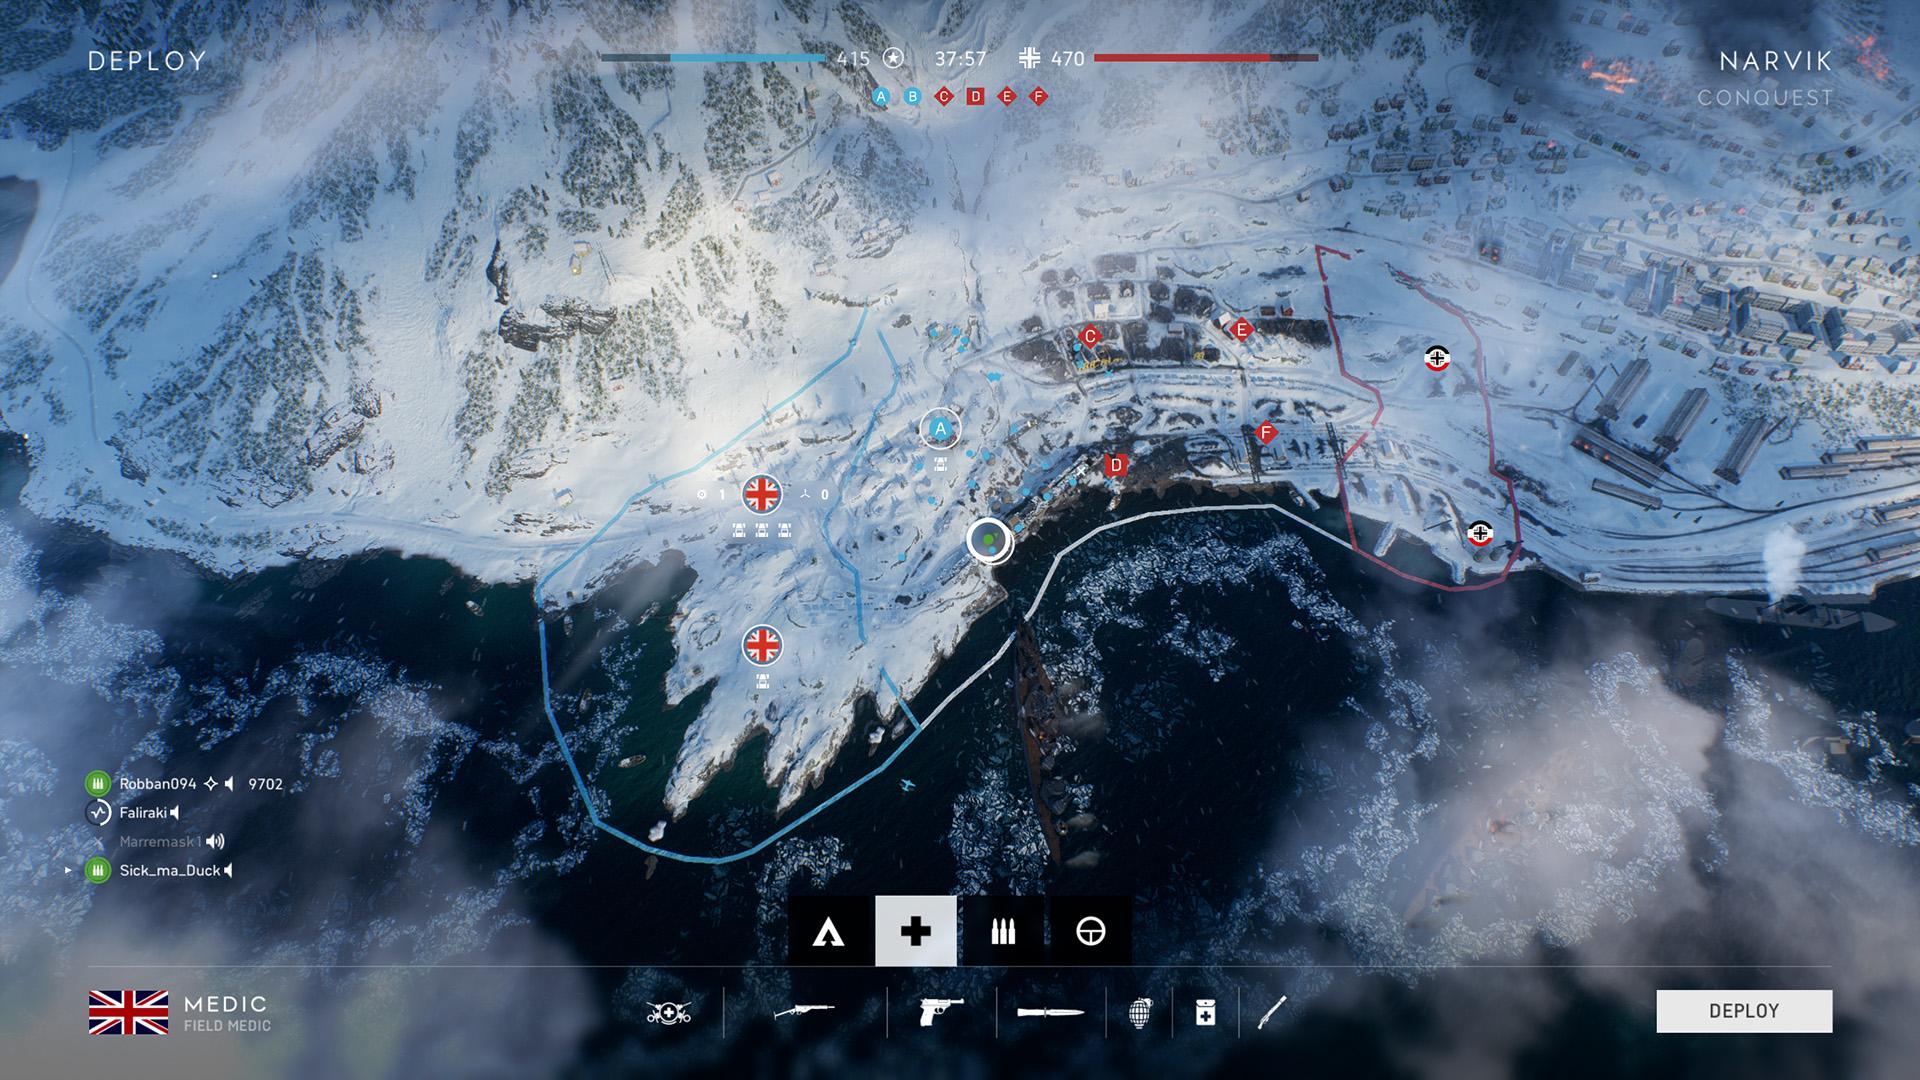 Battlefield V Screenshot 2018_0011_Battlefield V Screenshot 2018.11.11 - 20.42.14.10.jpg